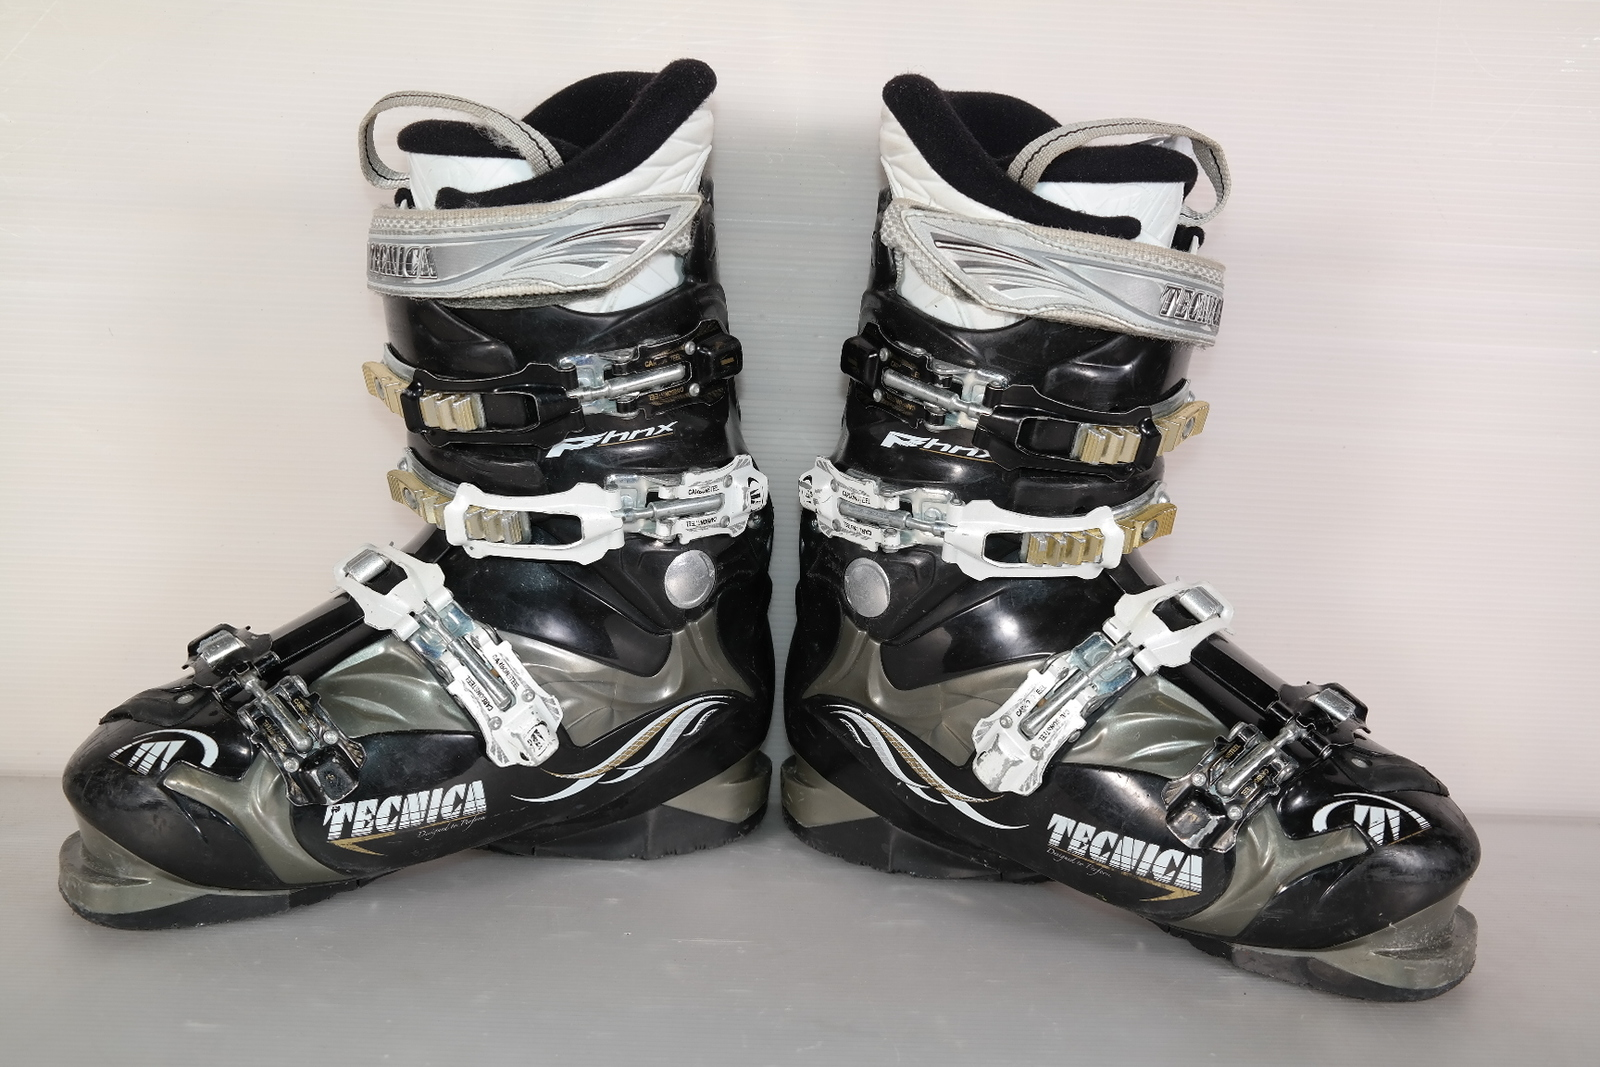 Lyžařské boty Tecnica Phoenix vel. EU38.5 flexe 100